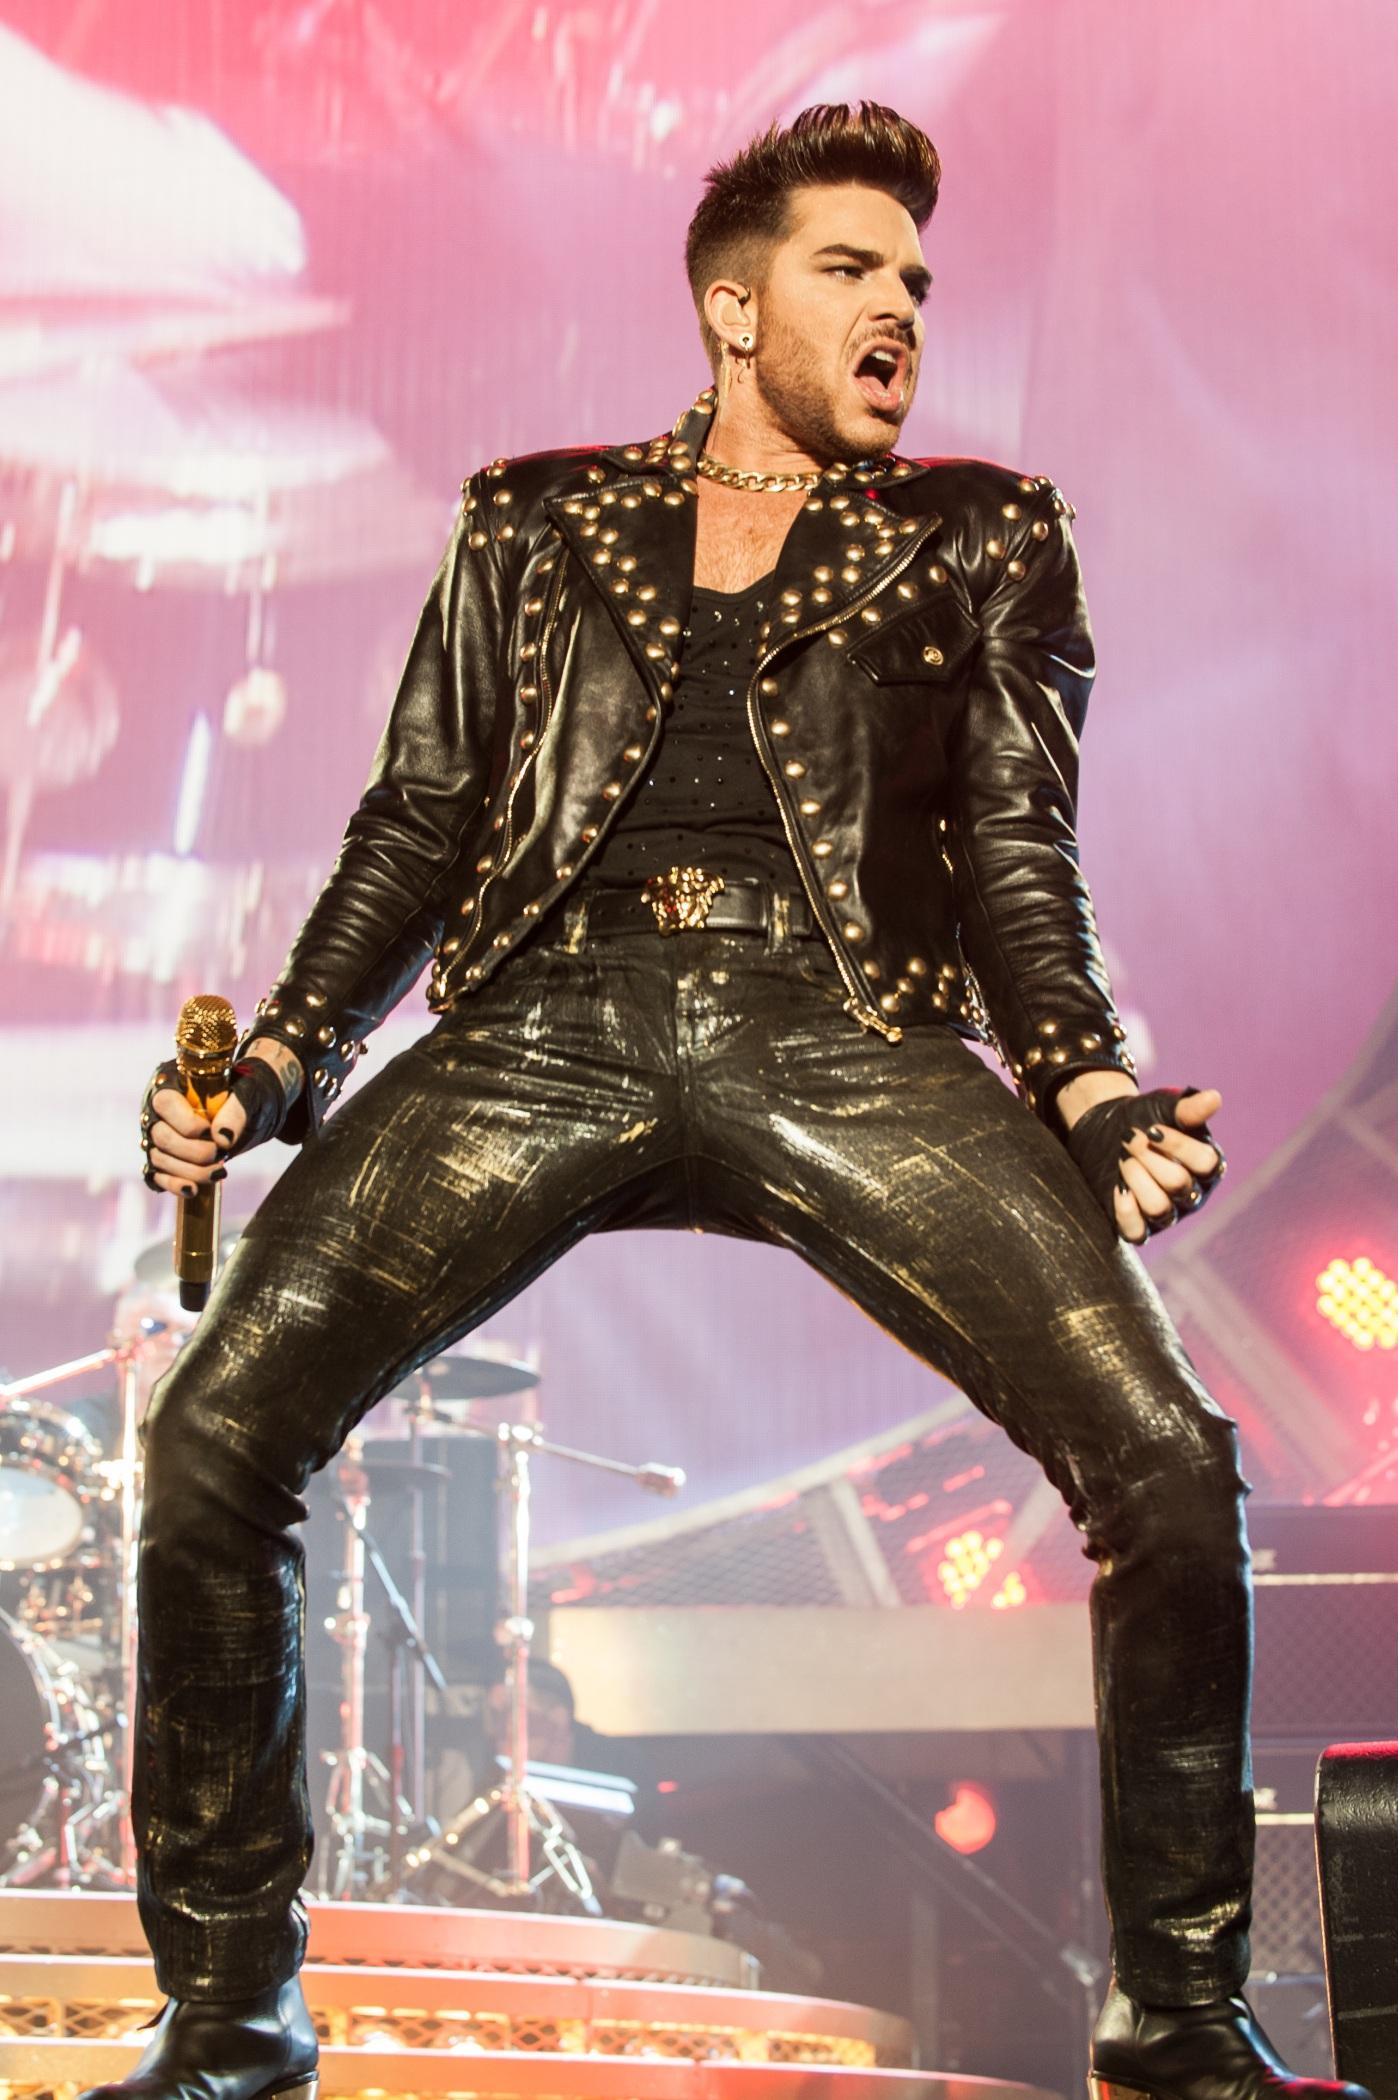 Queen und Adam Lambert Konzert